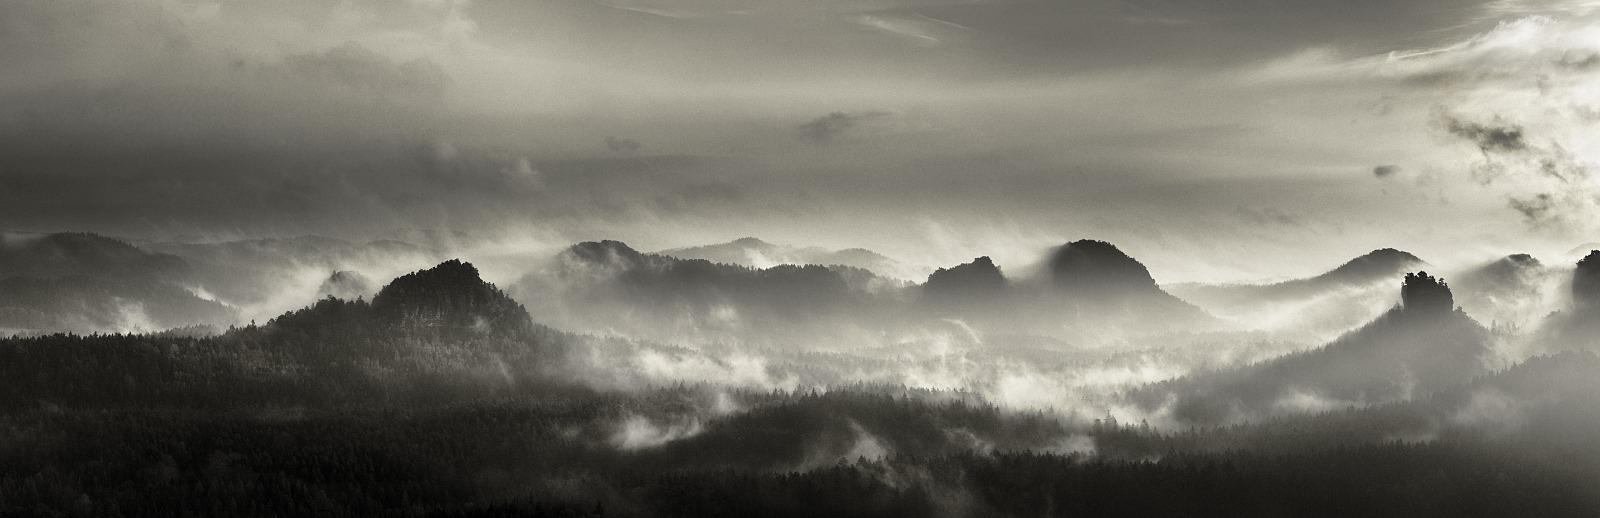 Morning panorama of Saxon Switzerland